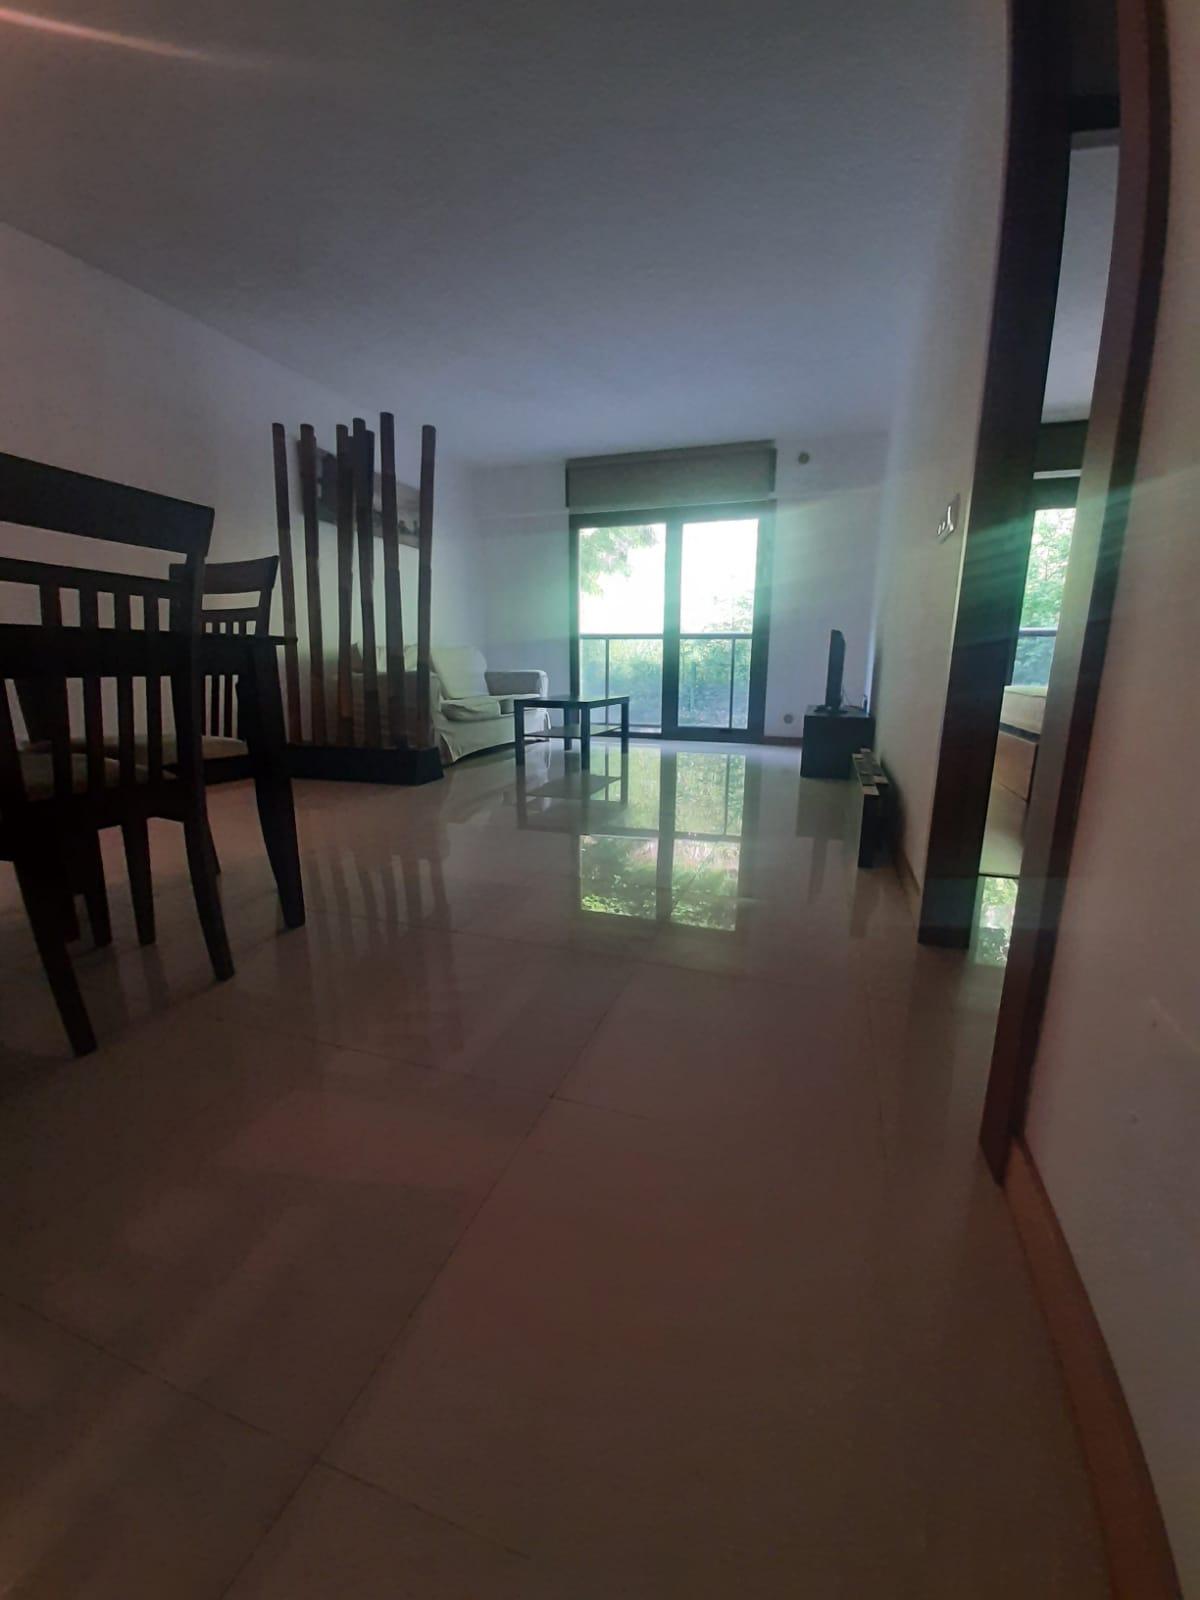 Pis de lloguer a Arinsal, 1 habitació, 60 metres